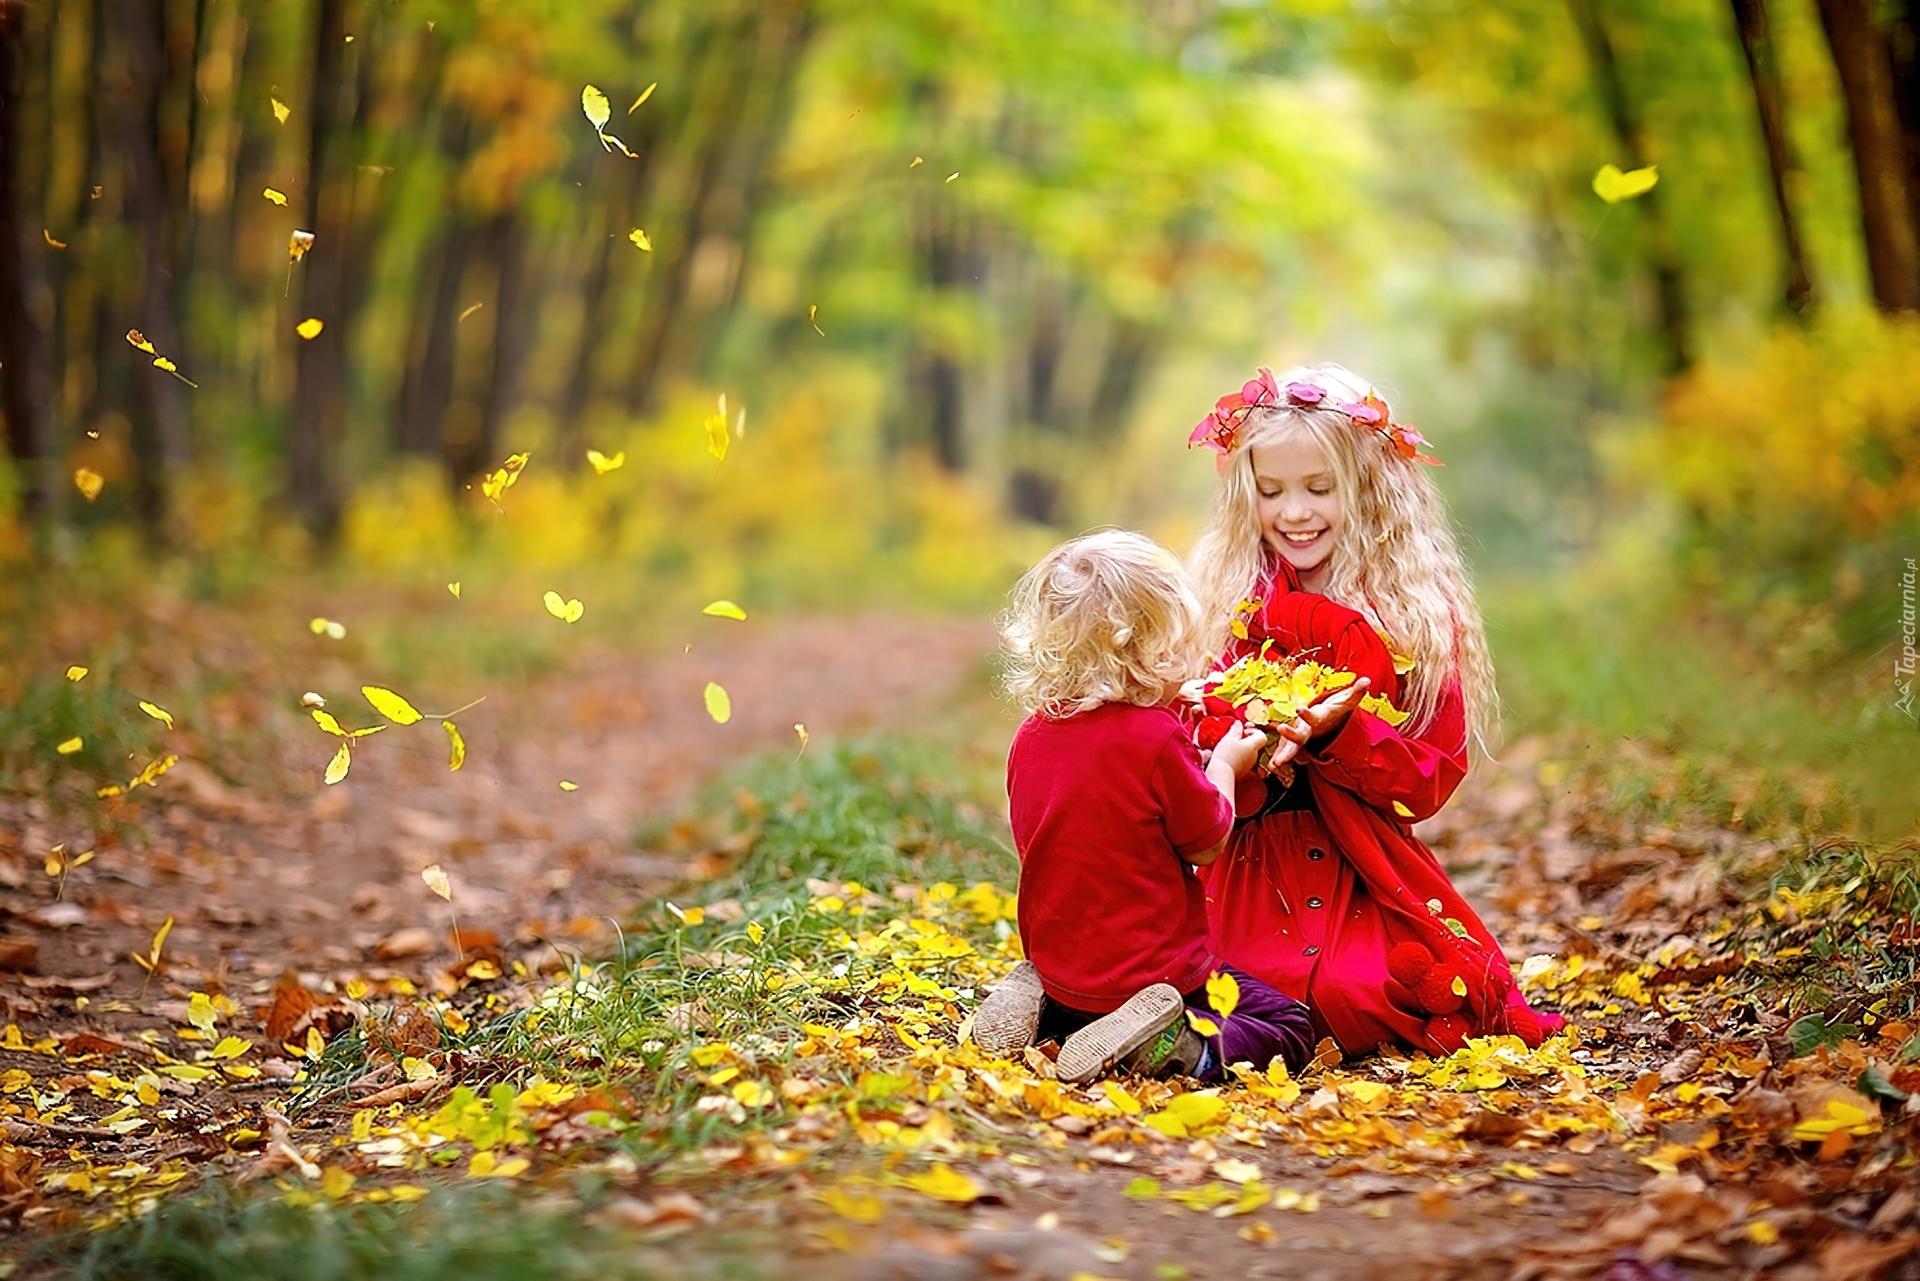 С сестрой в лесу 16 фотография